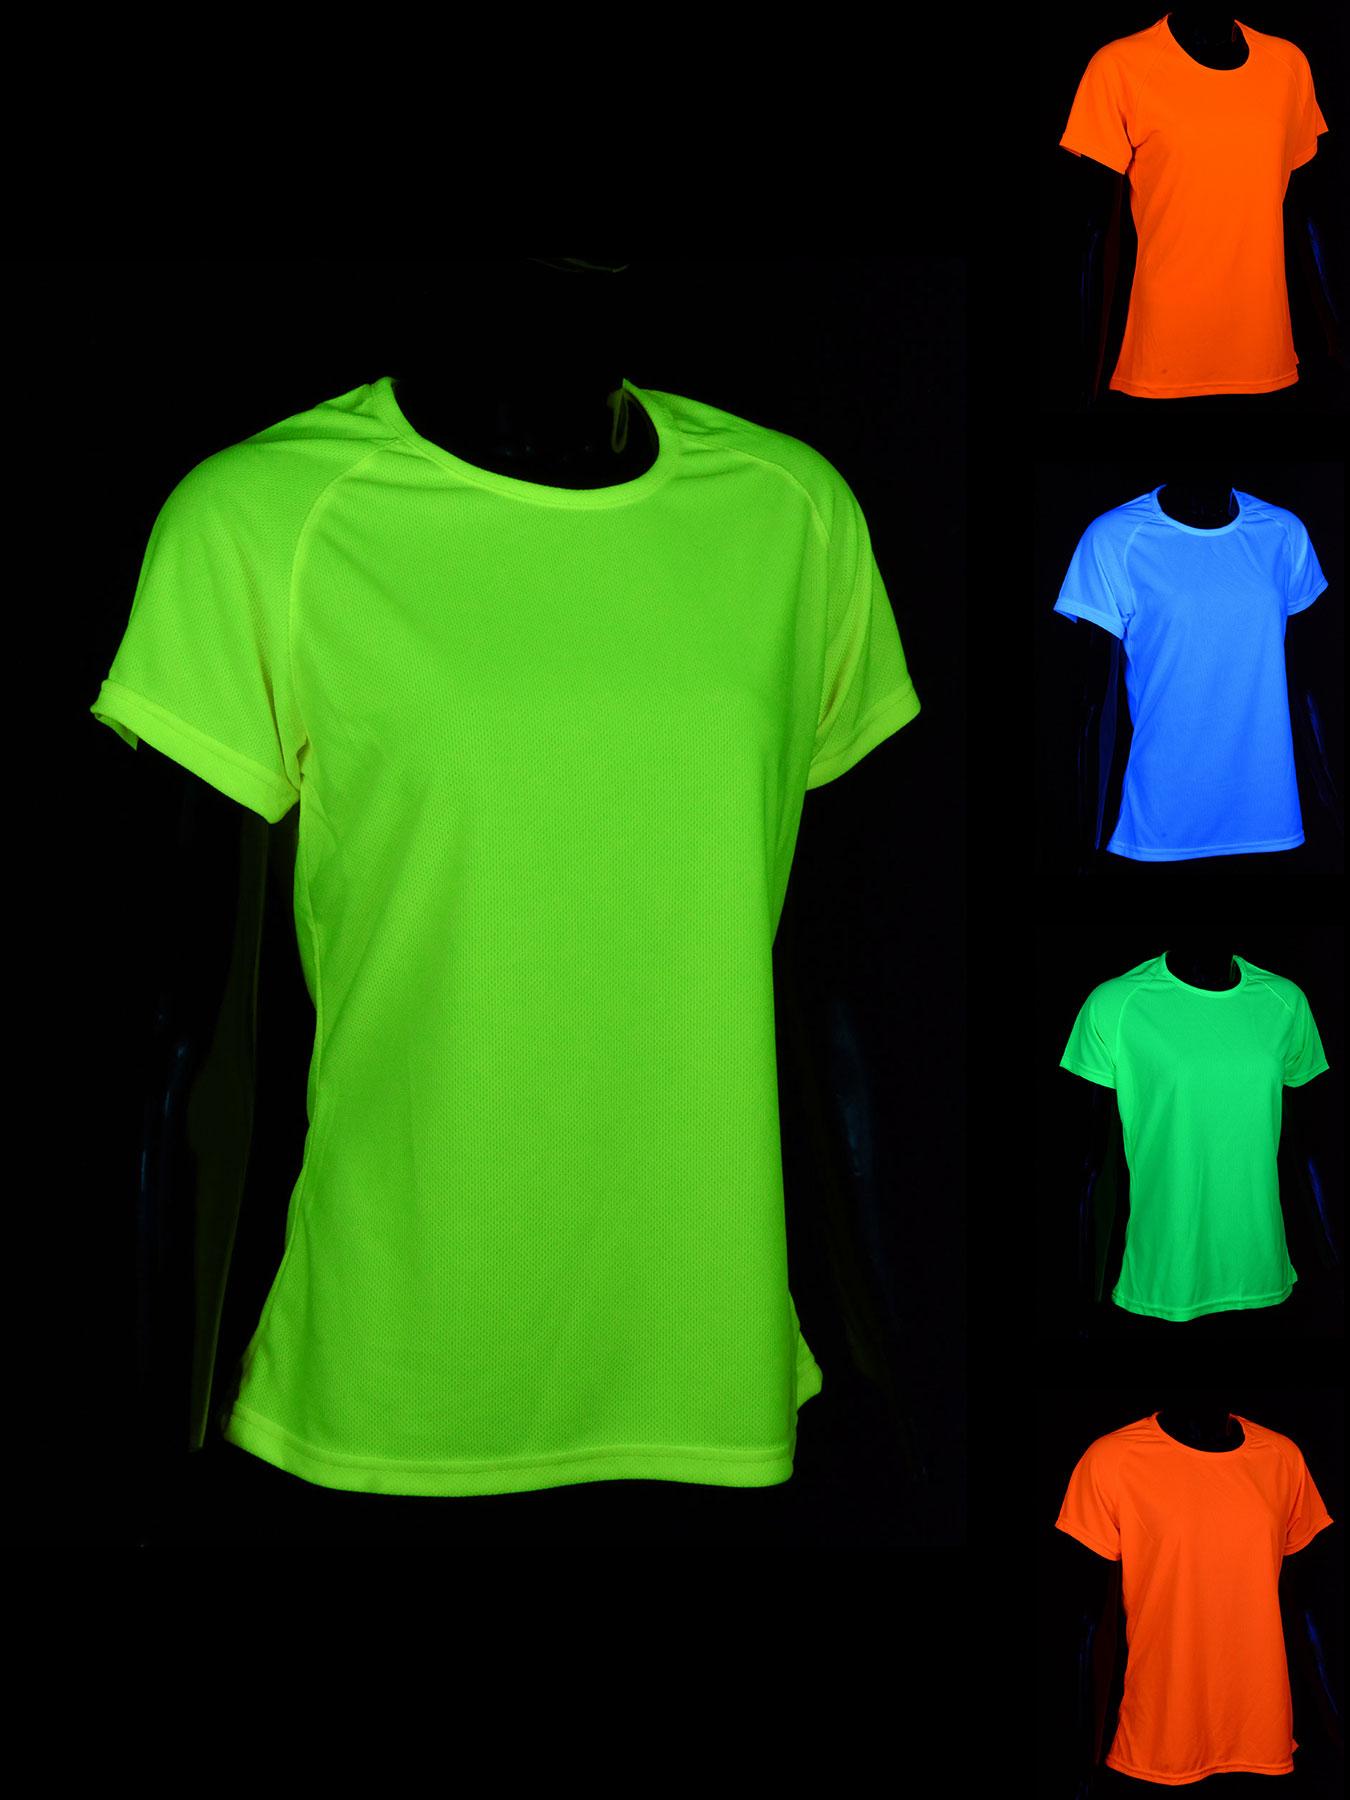 schwarzlicht t shirt sport damen herren kinder blacklight neon junge m dchen ebay. Black Bedroom Furniture Sets. Home Design Ideas